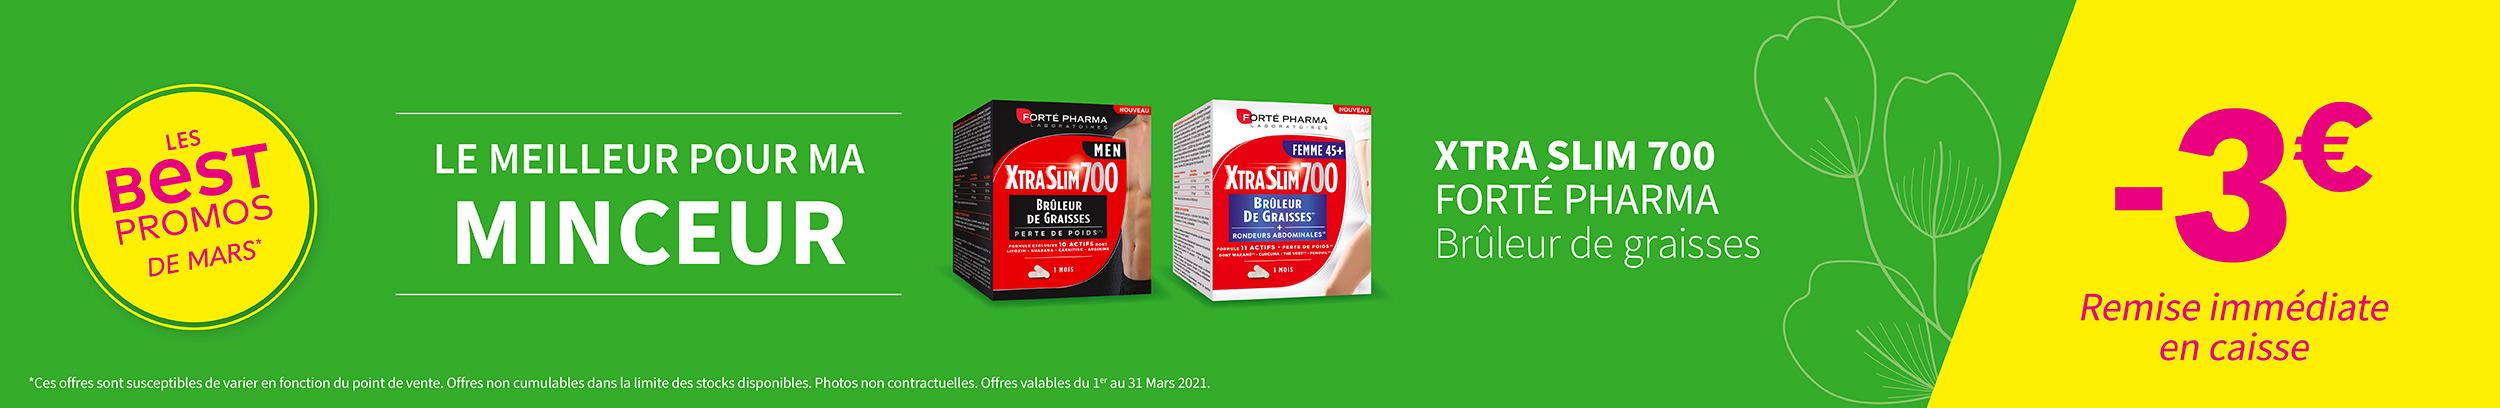 XTRA SLIM 700 - FORTÉ PHARMA / Brûleur de graisses